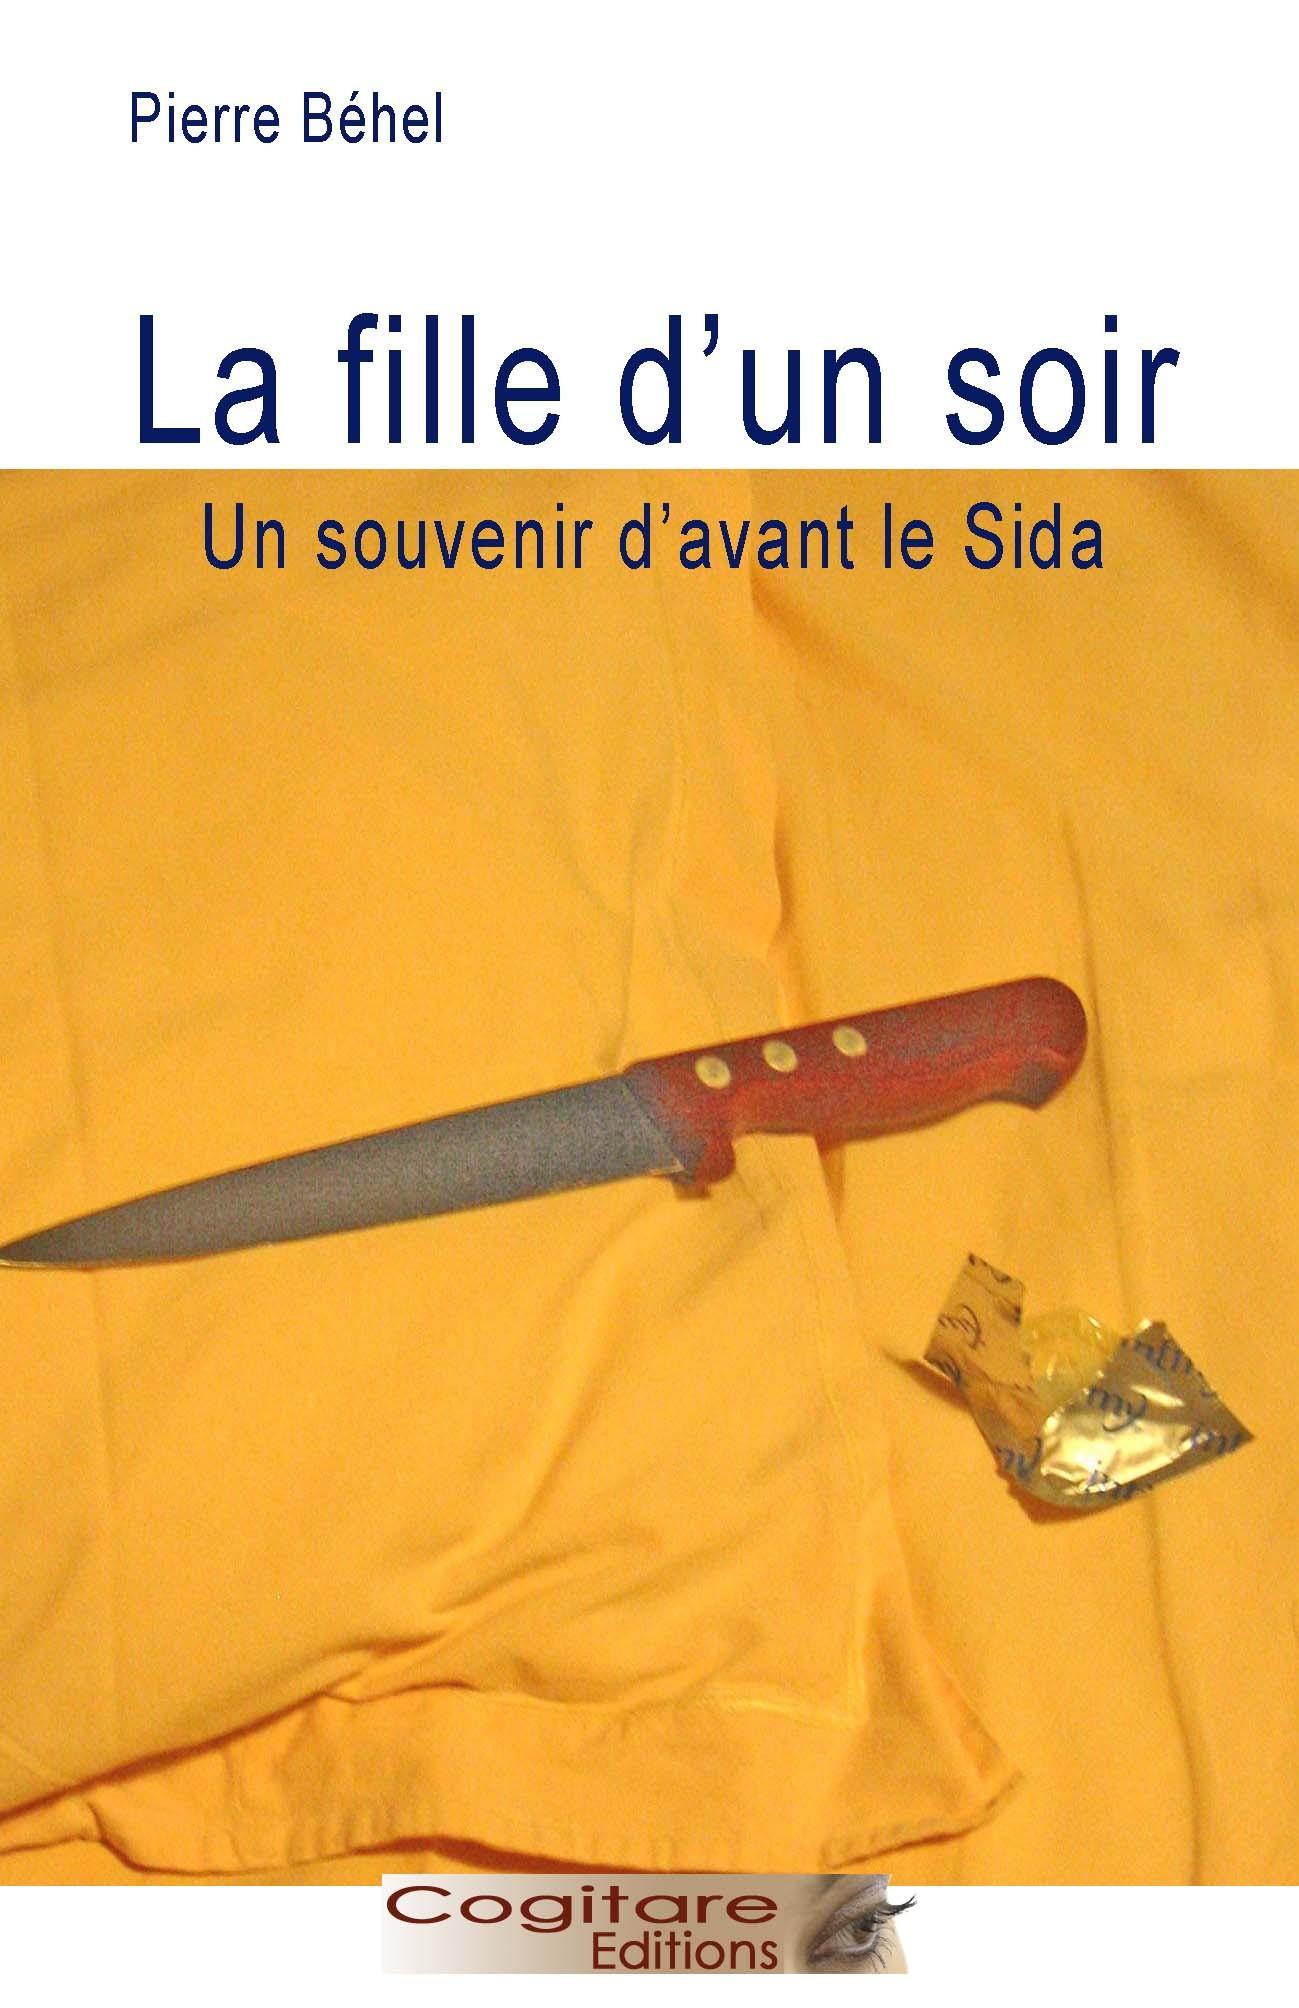 LA FILLE D'UN SOIR - UN SOUVENIR D'AVANT LE SIDA